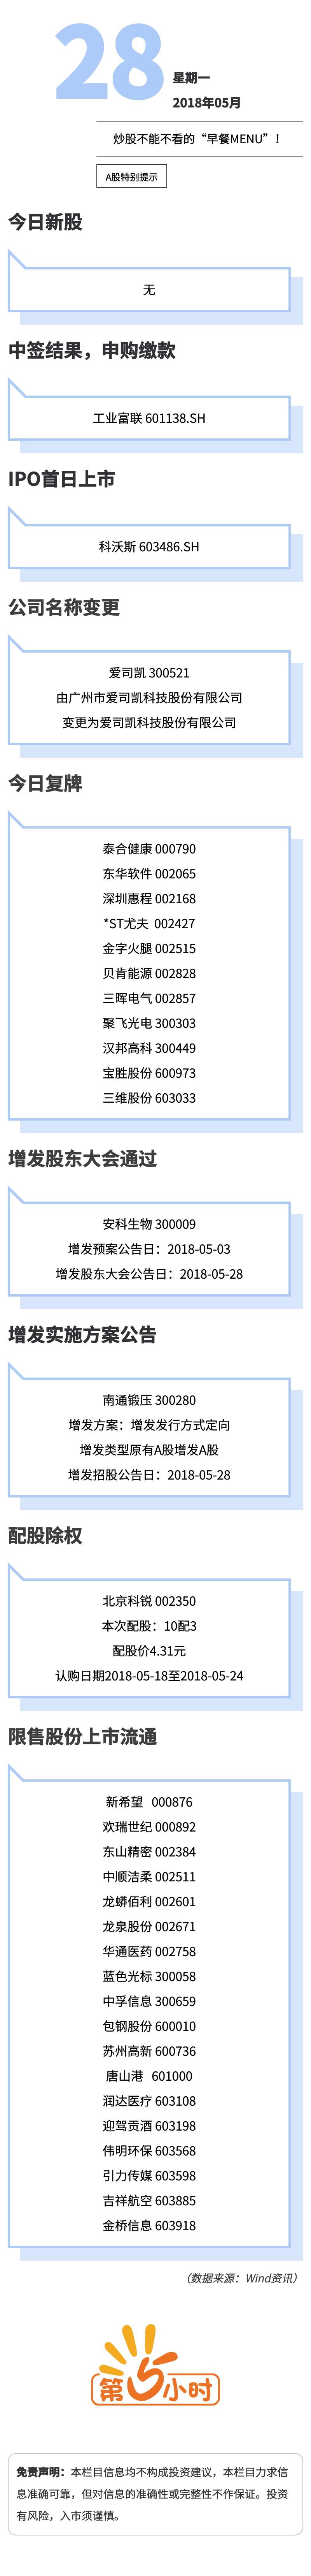 A股特别提示(2018-05-28).jpg